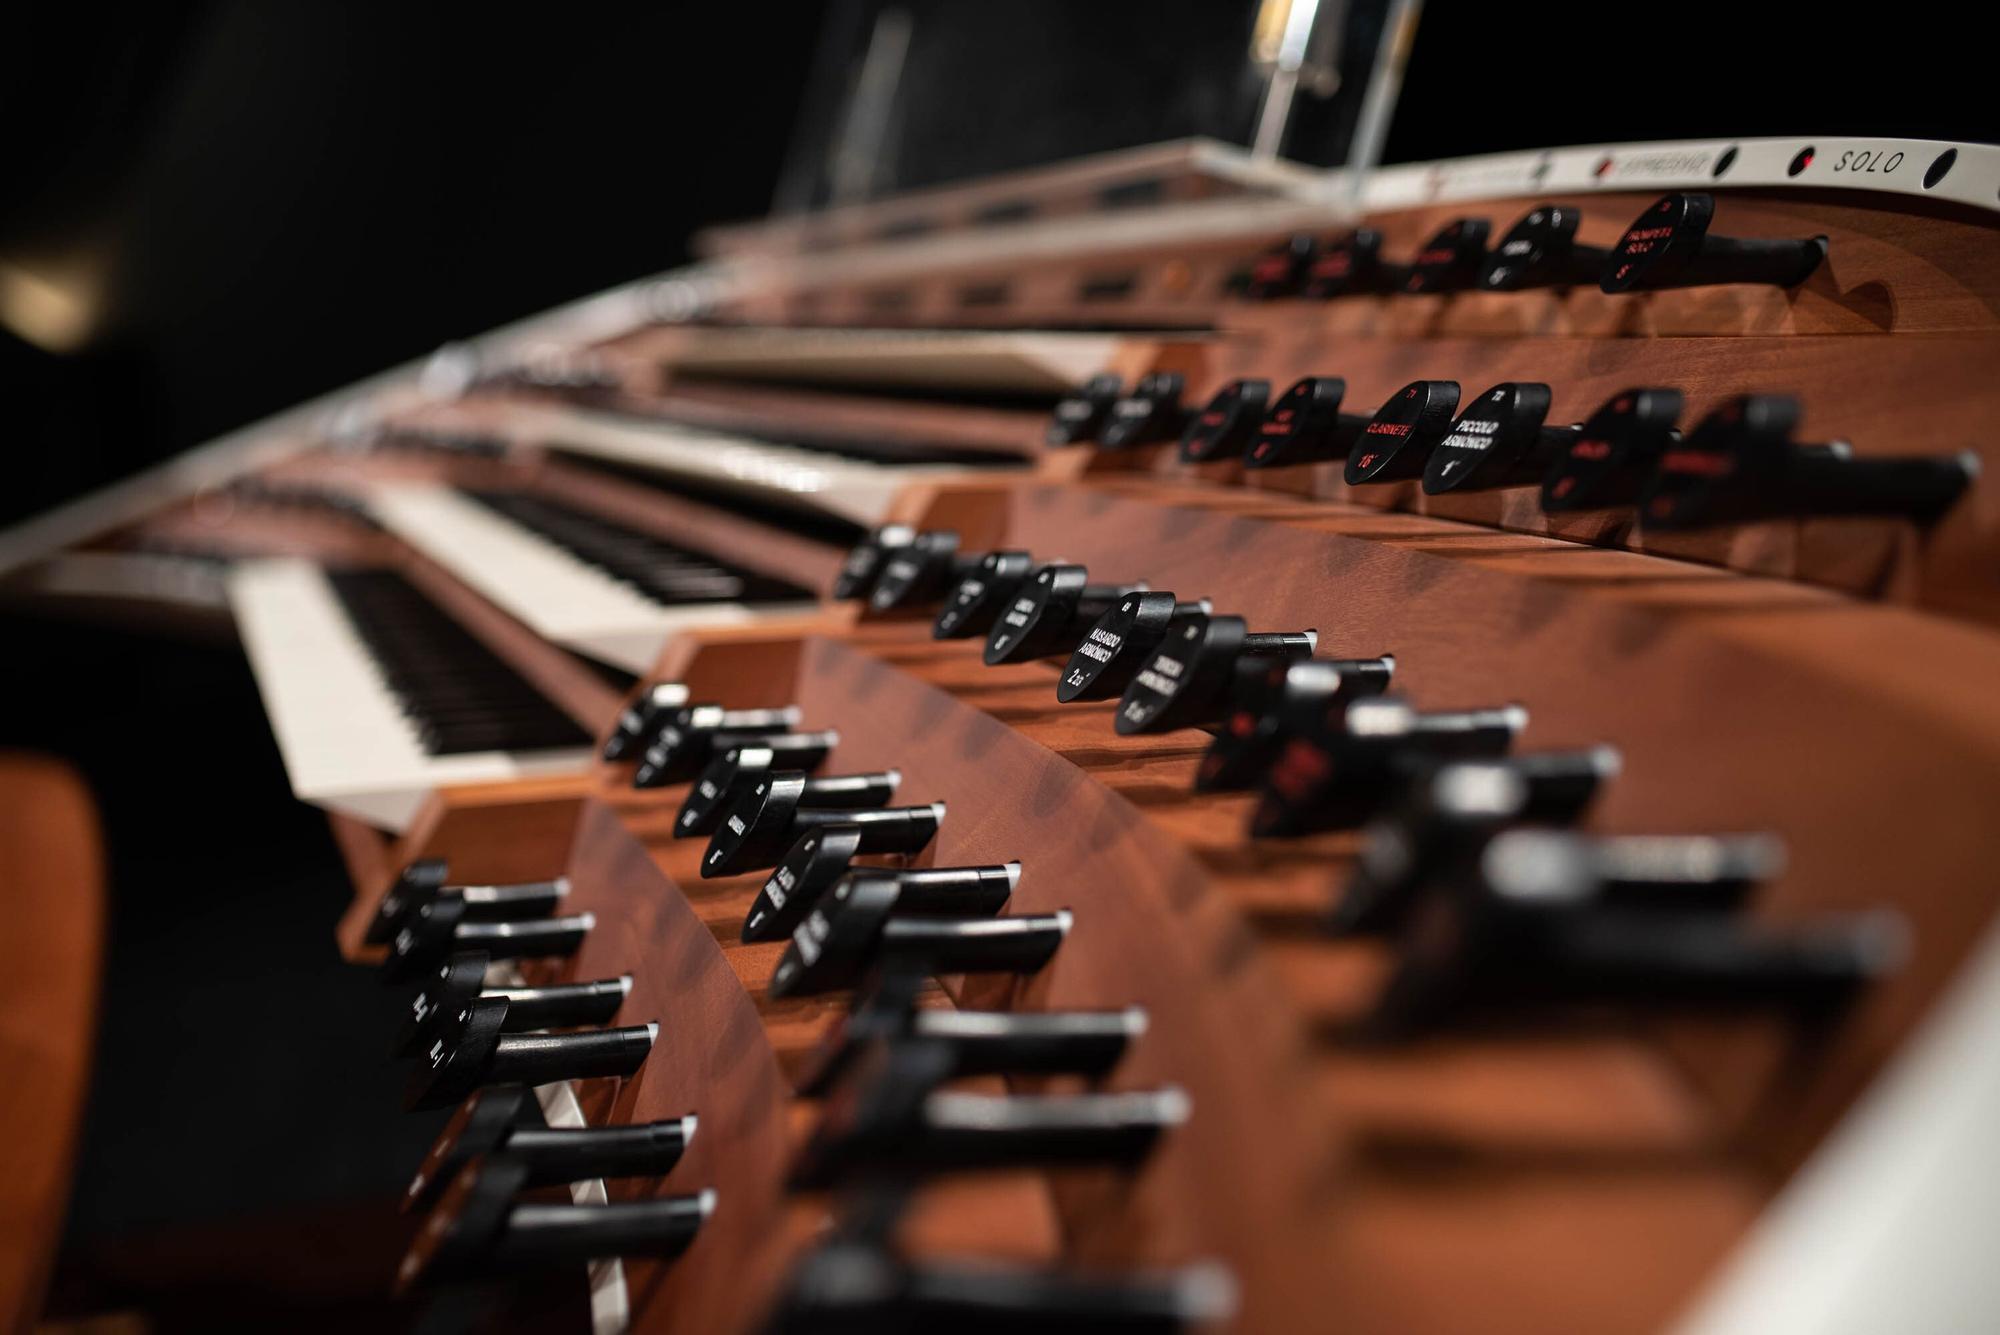 El órgano del Auditorio de Tenerife Adán Martín